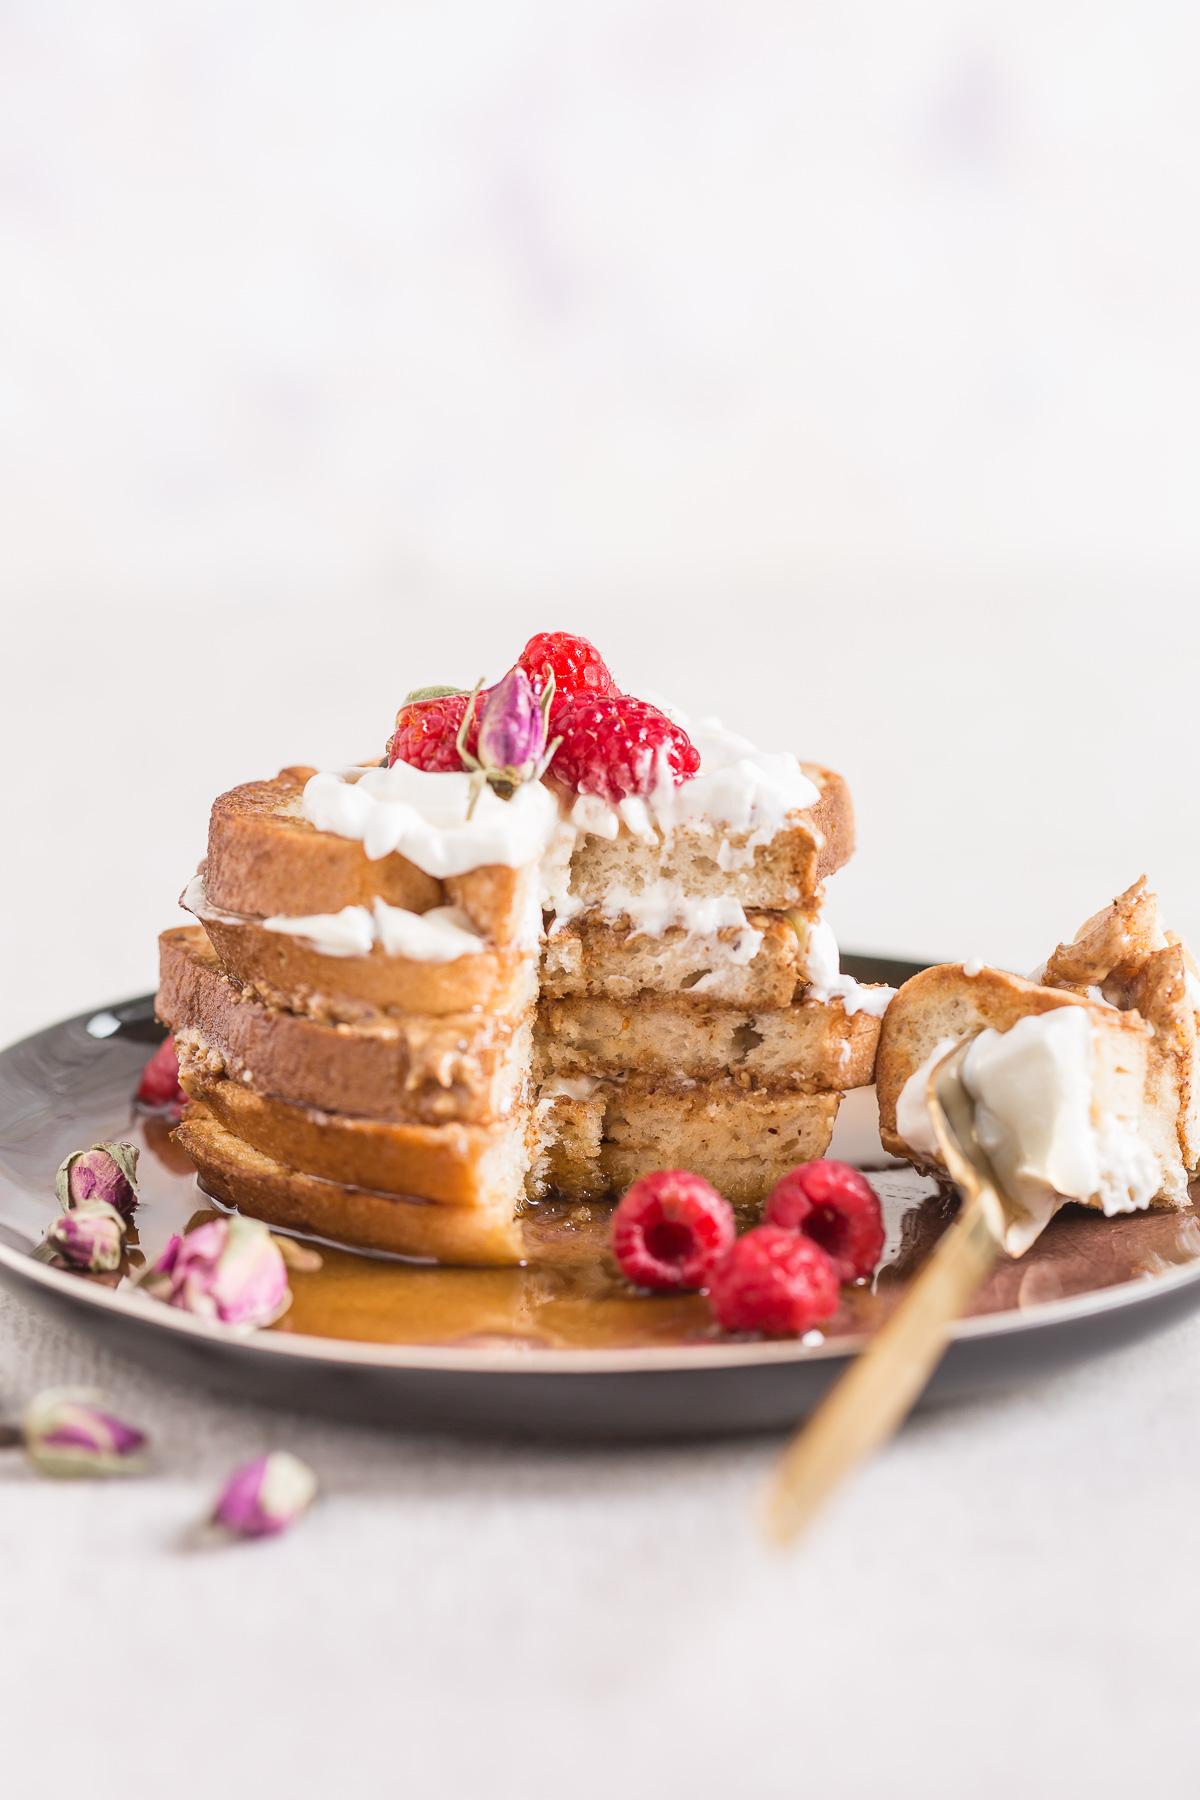 #VEGAN #glutenfree FRENCH TOAST recipe with vanilla and coconut whipped cream - ricetta FRENCH TOAST vegan senza glutine alla vaniglia in padella e al forno #senzaglutine